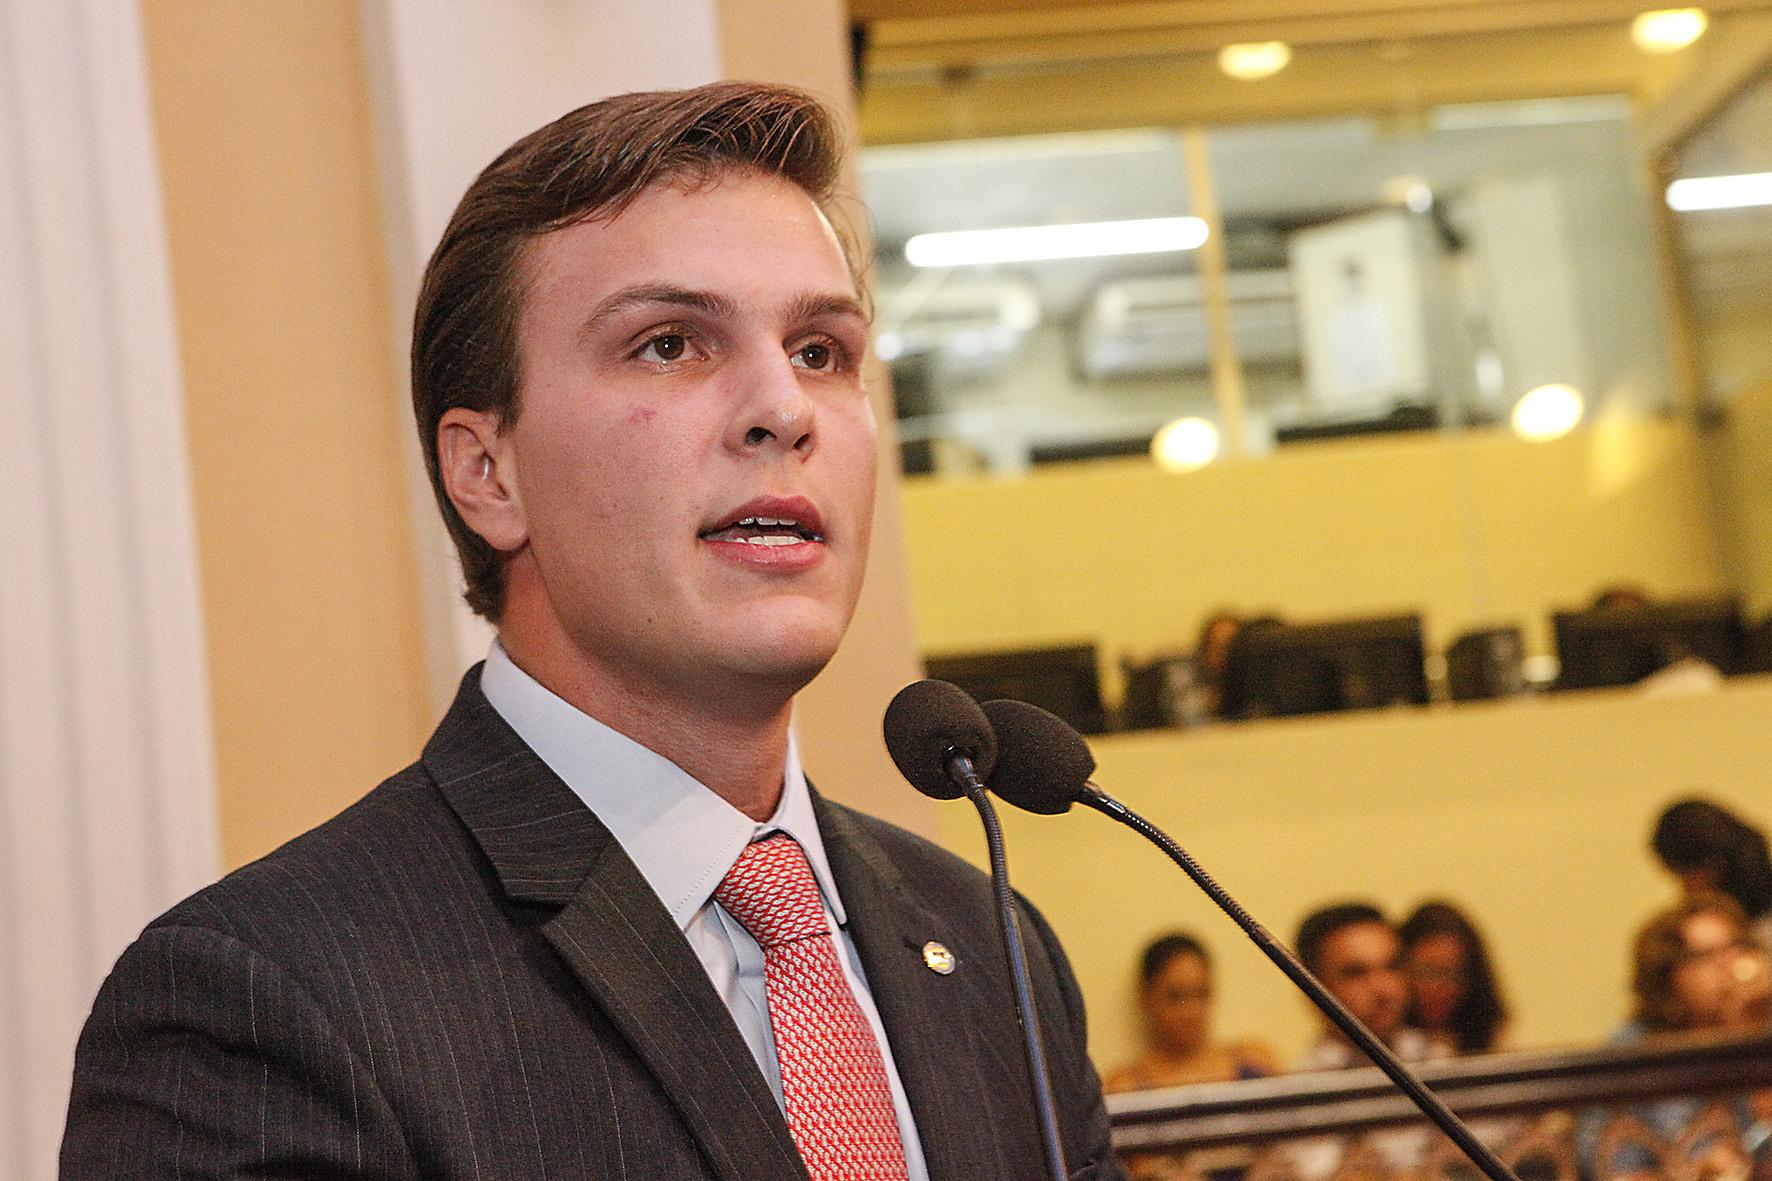 IMAGEM: PF mira empresas de fachada contratadas por prefeitura de Petrolina